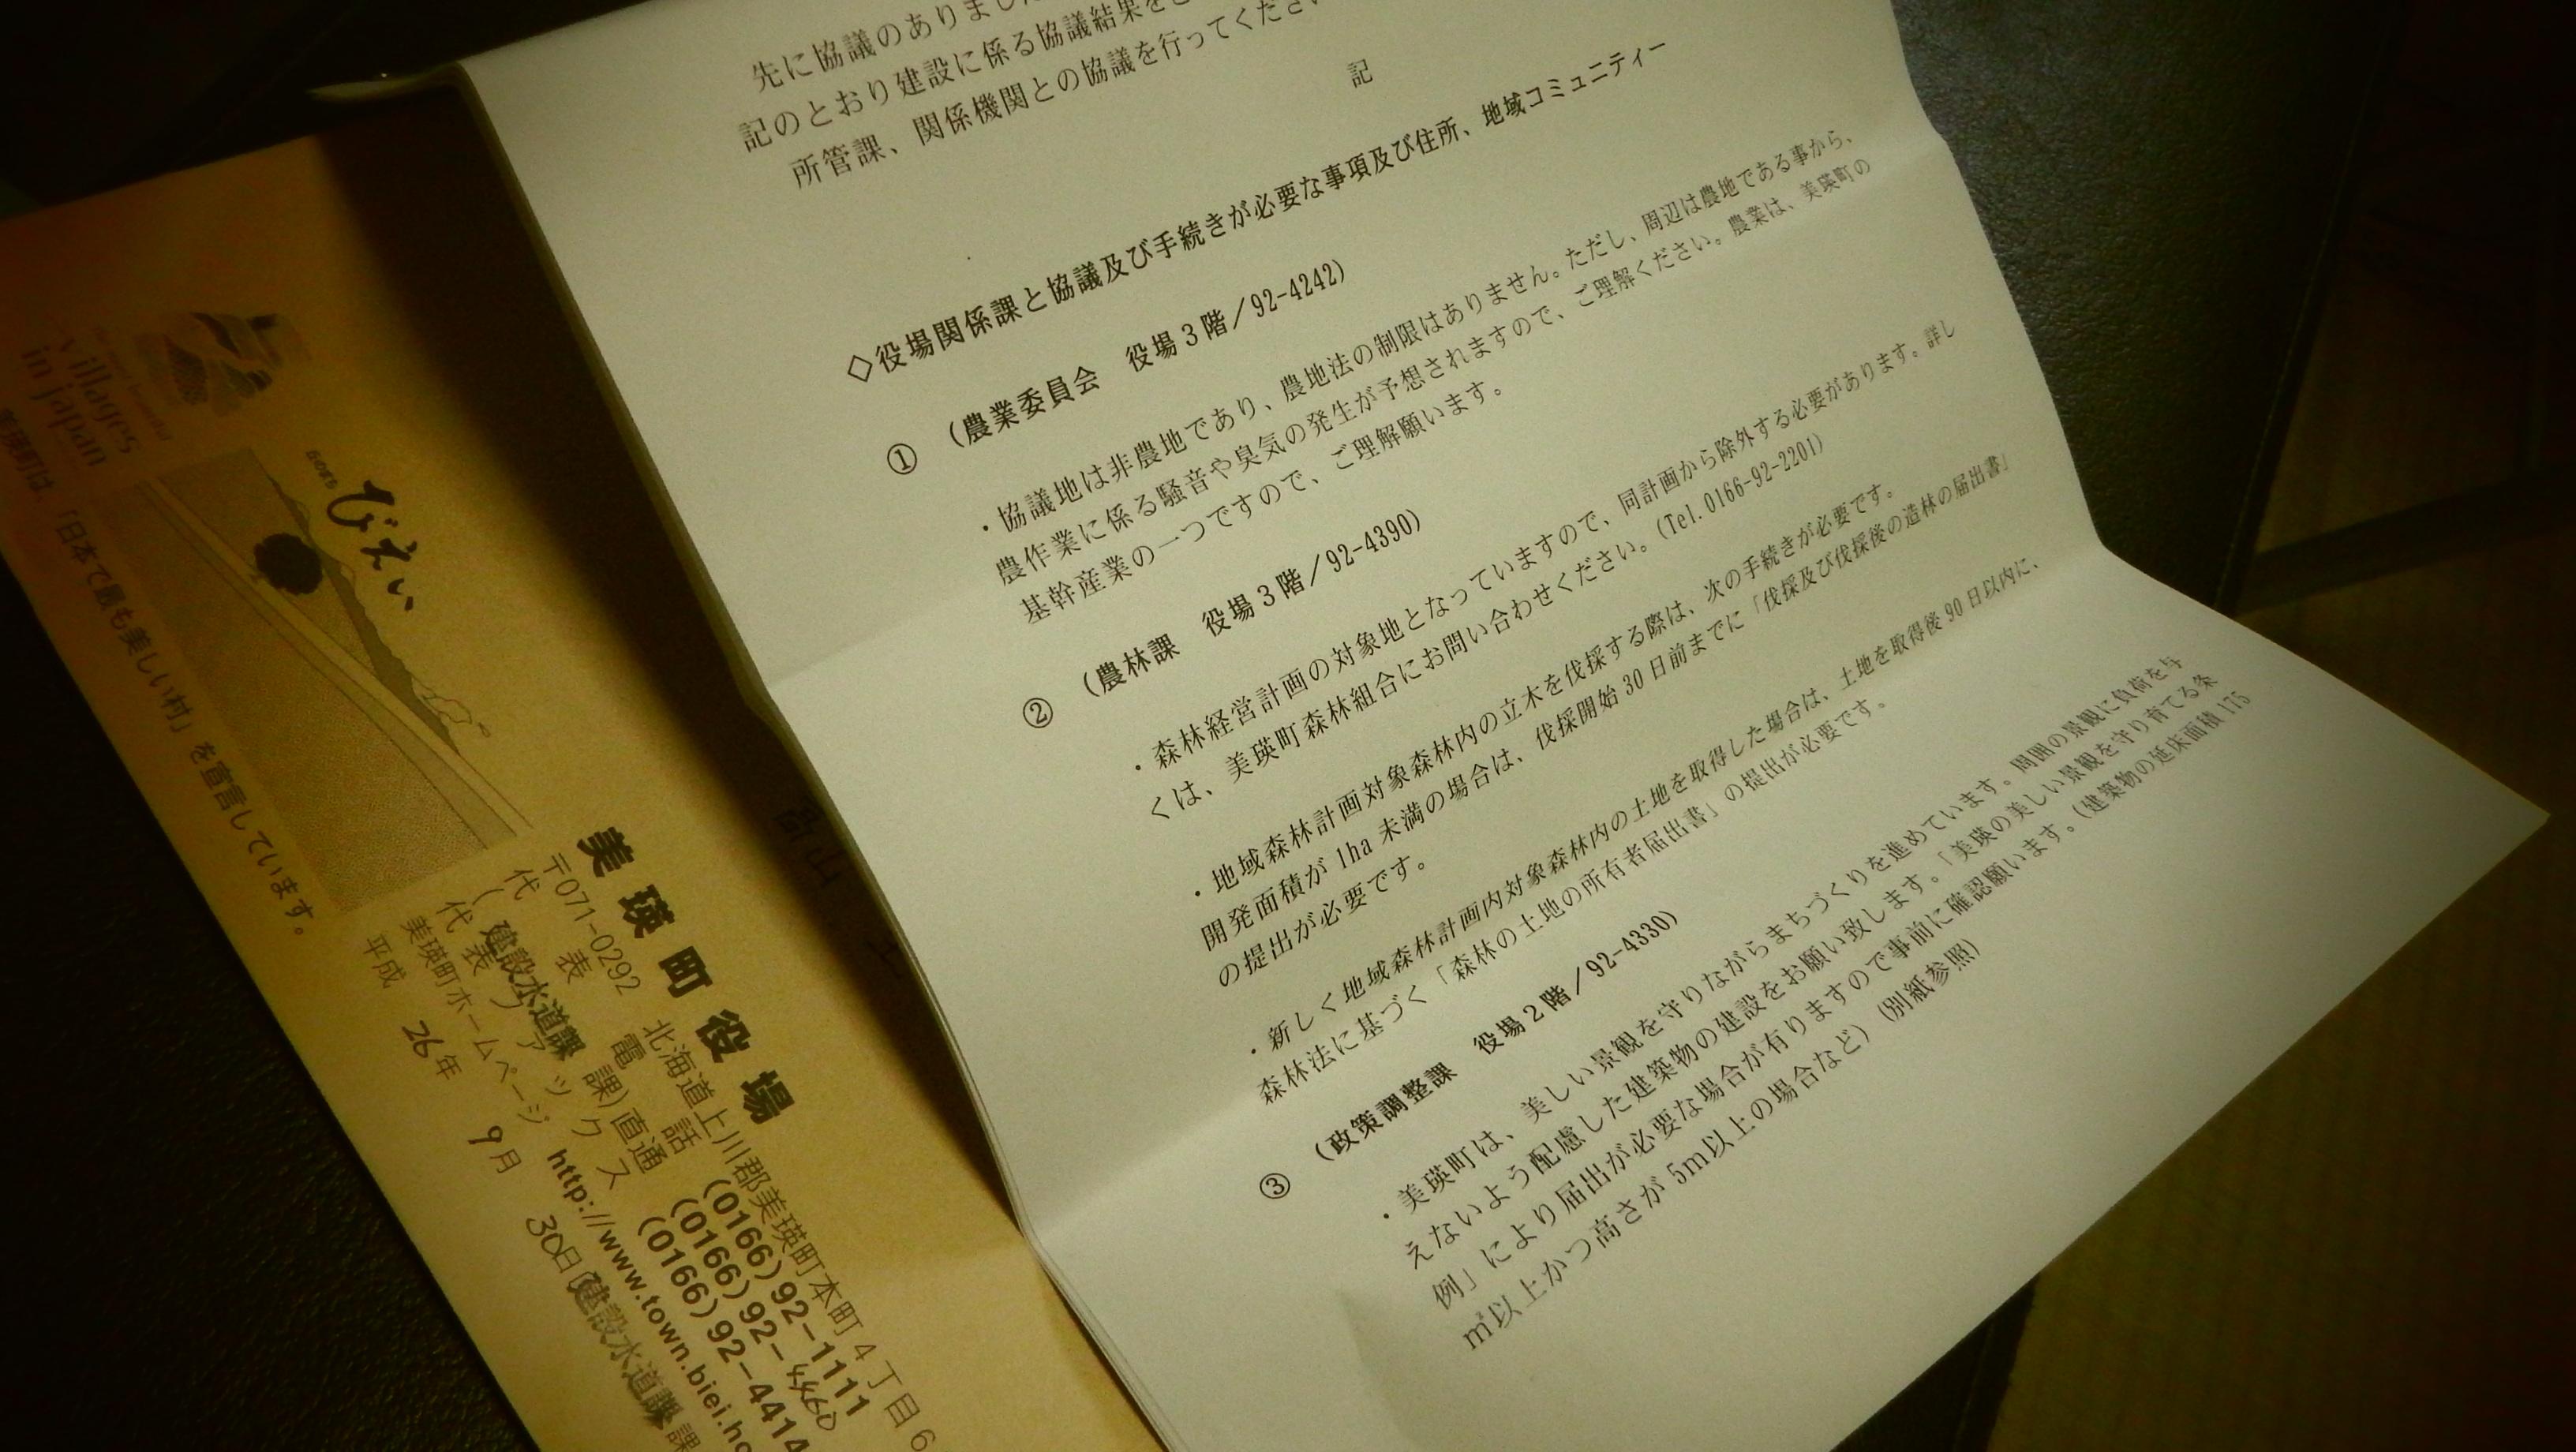 事前協議の書類